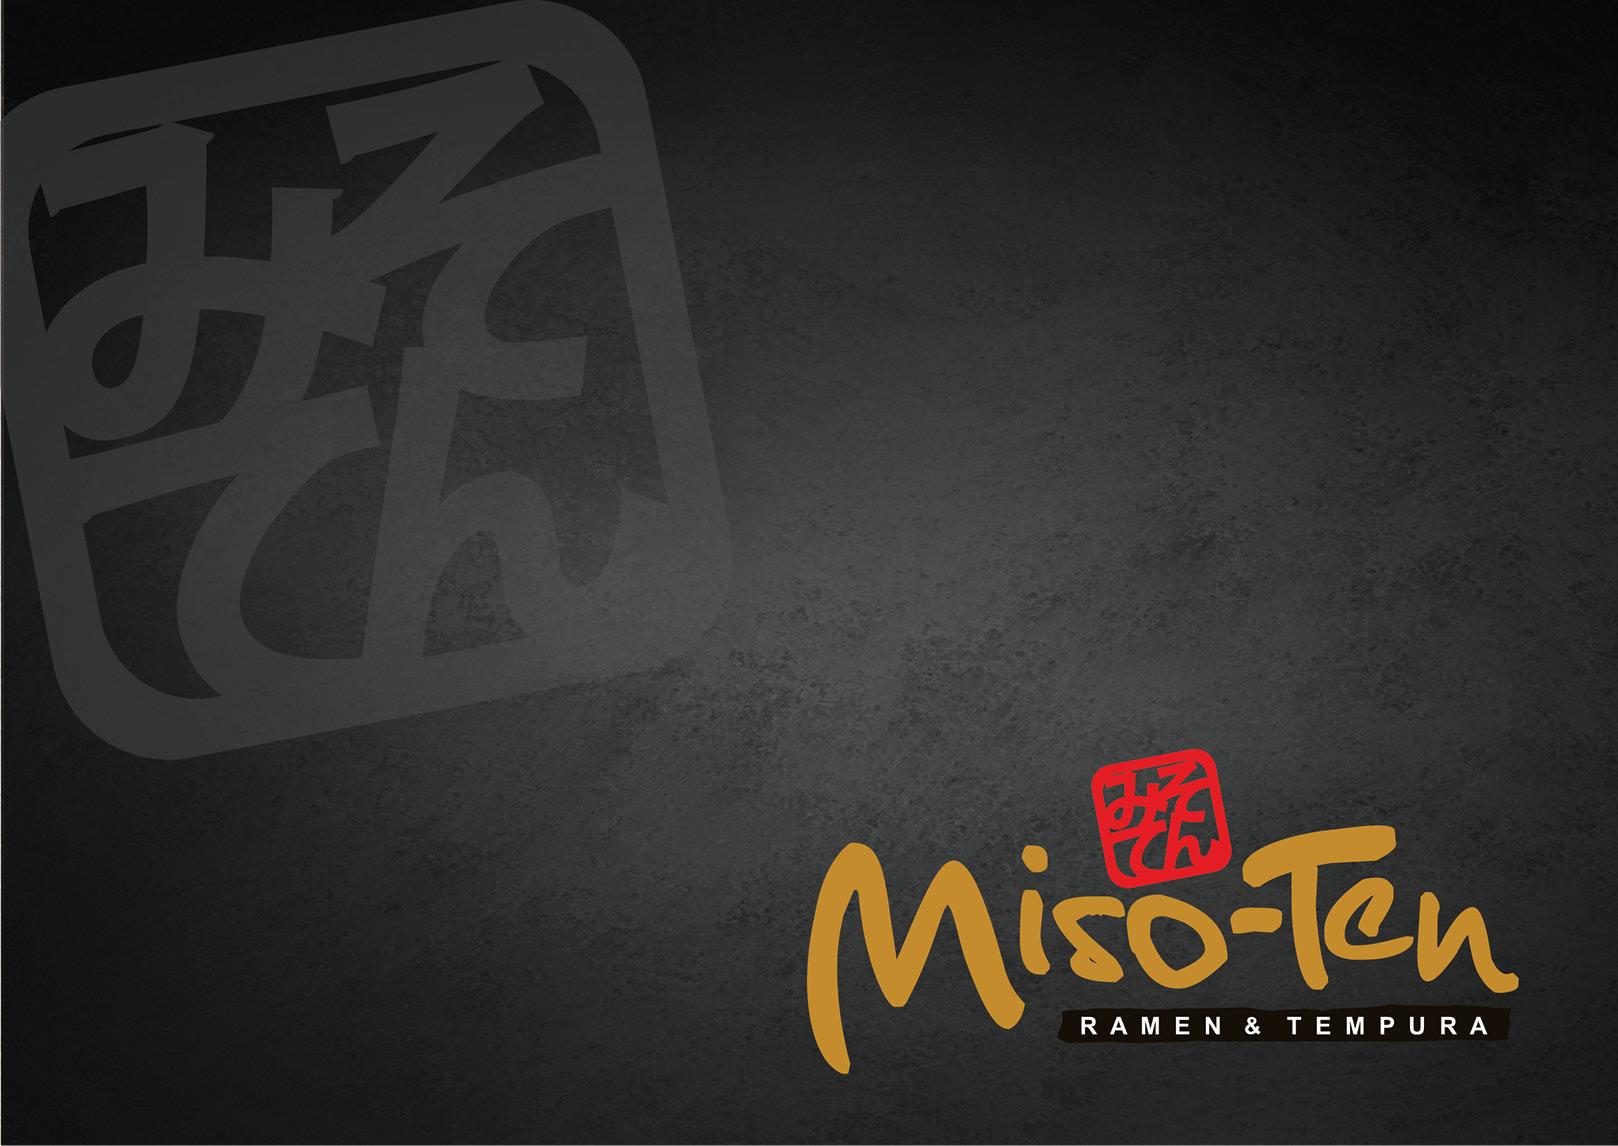 miso ten initial study